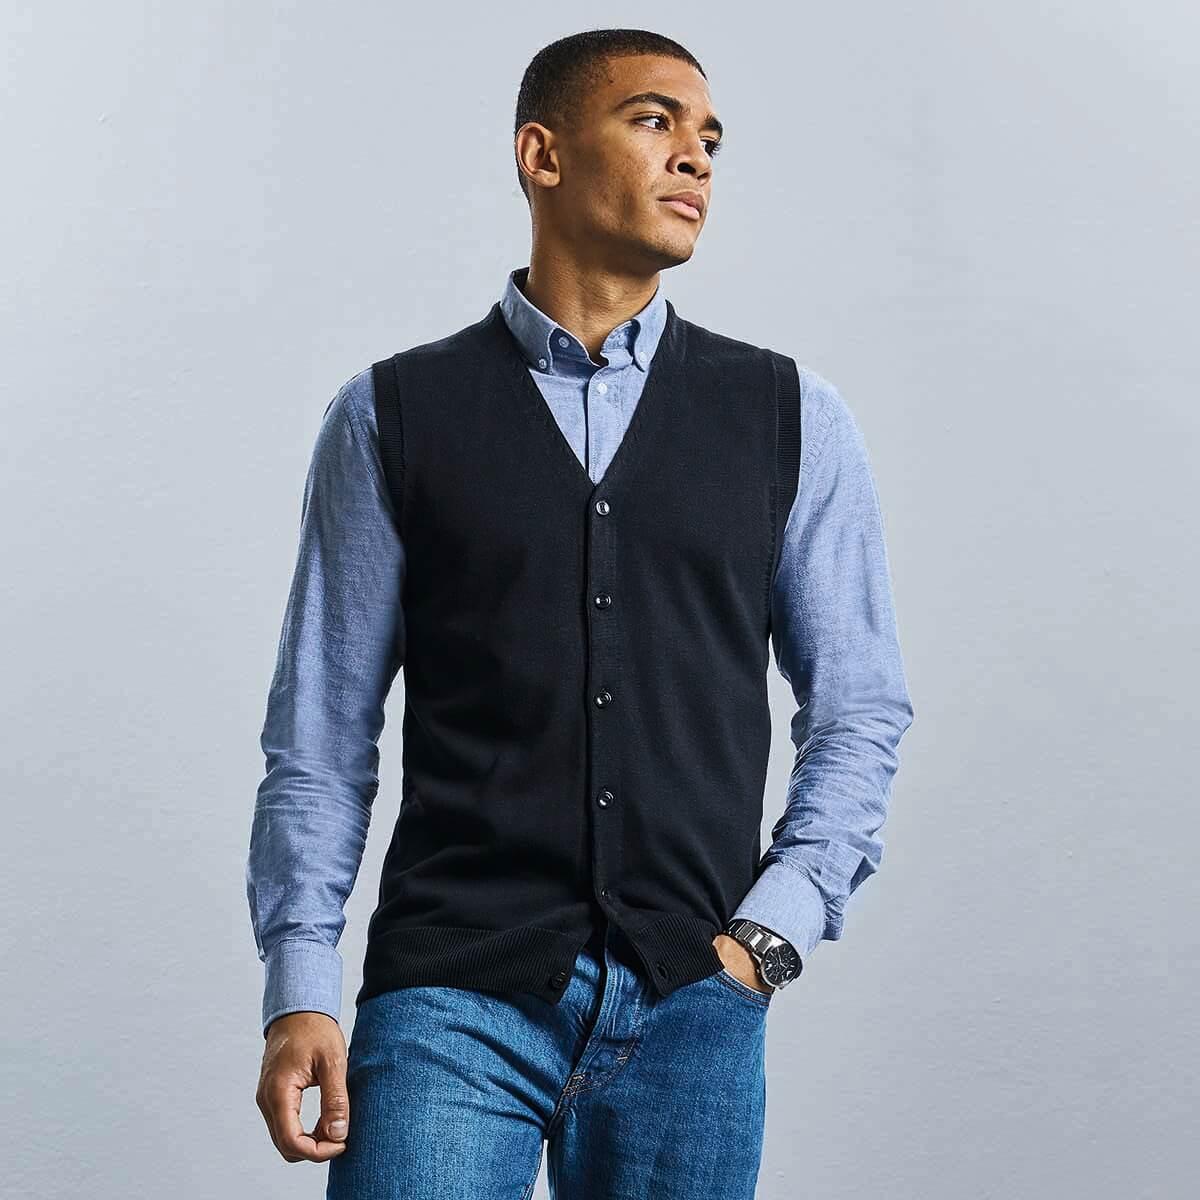 Russell - Men's V-Neck Sleeveless Knitted Cardigan